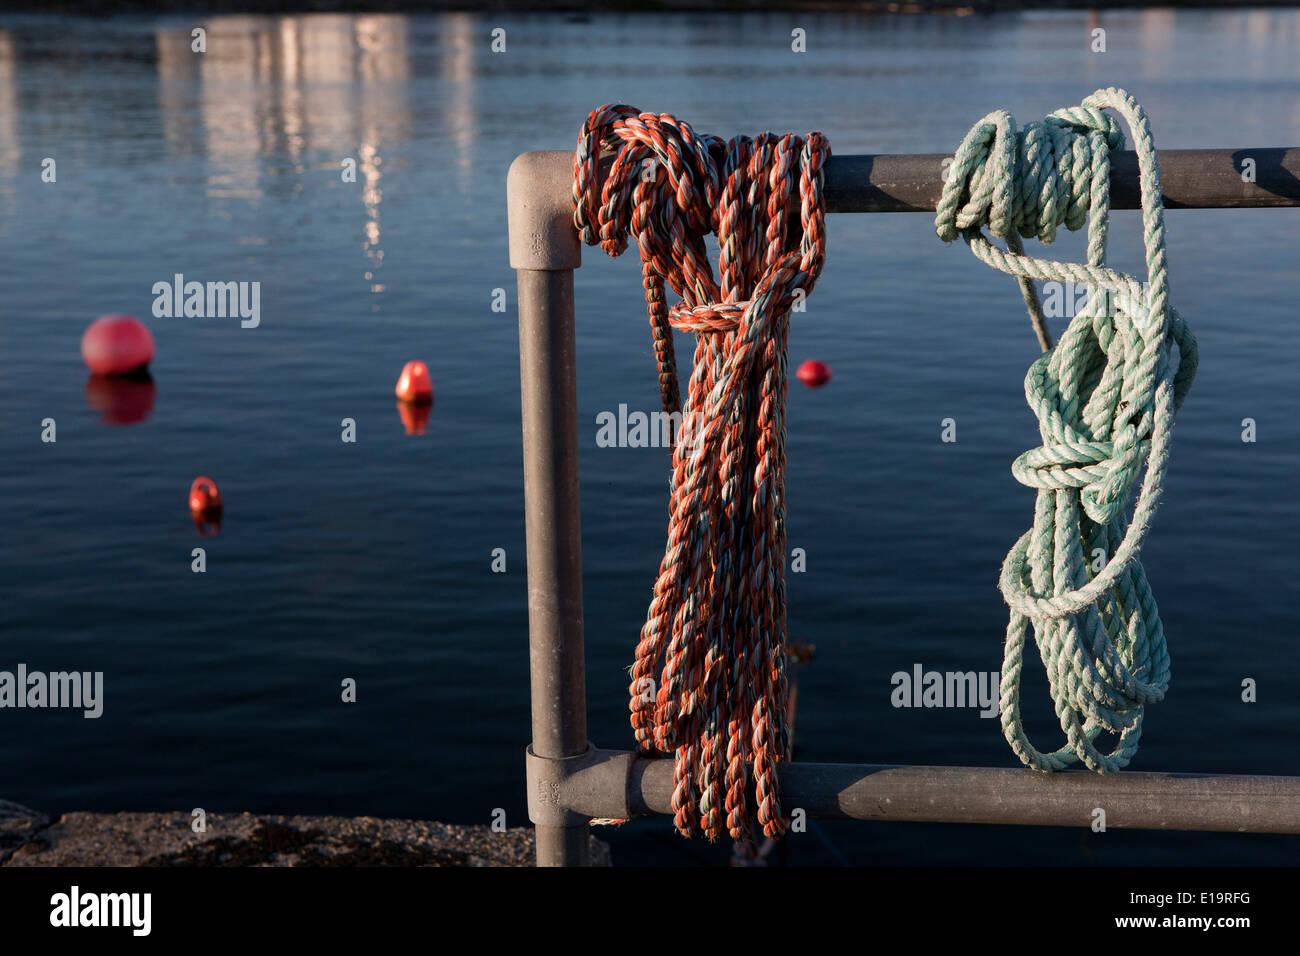 Attaché à une corde de métal, sans personnes. Photo Stock